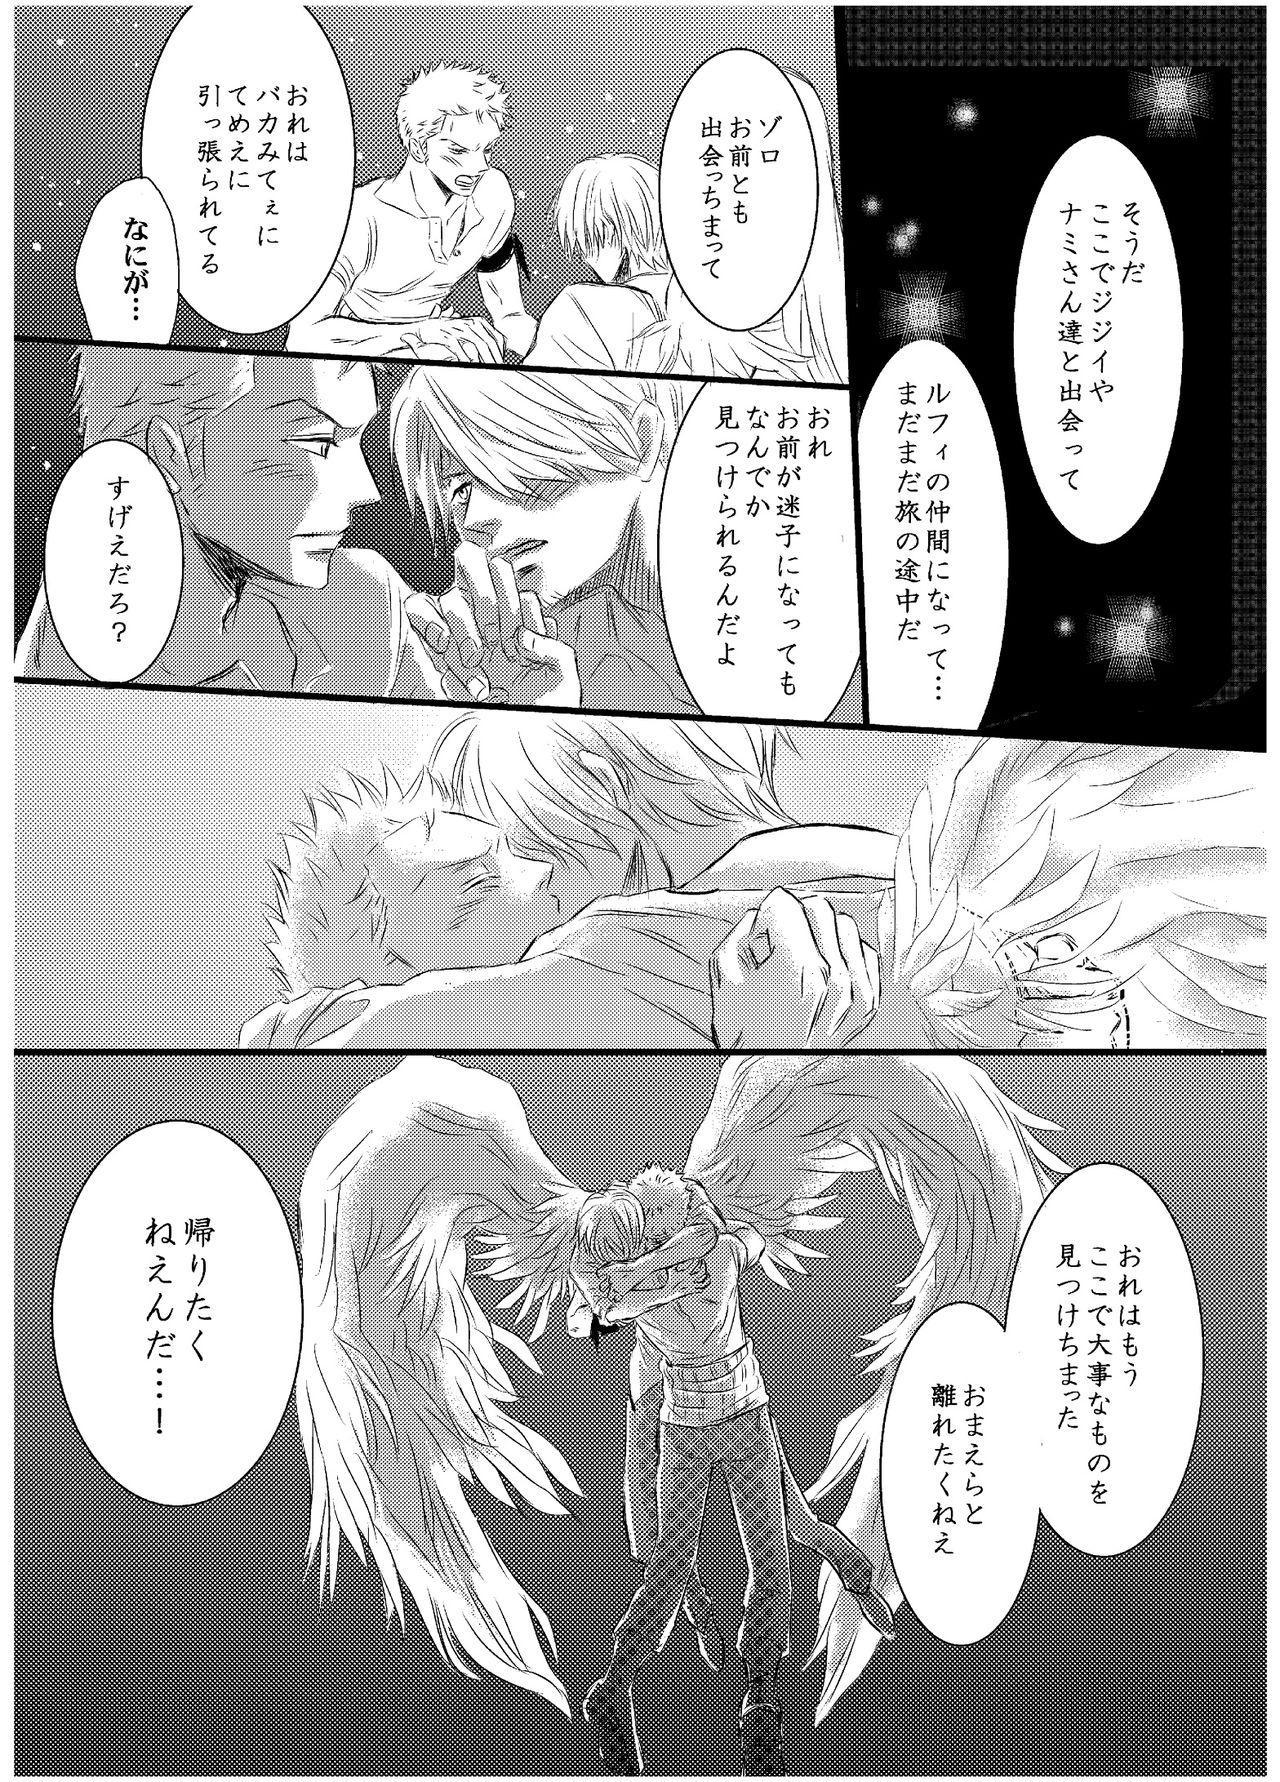 Inryoku de Hanasanai 10